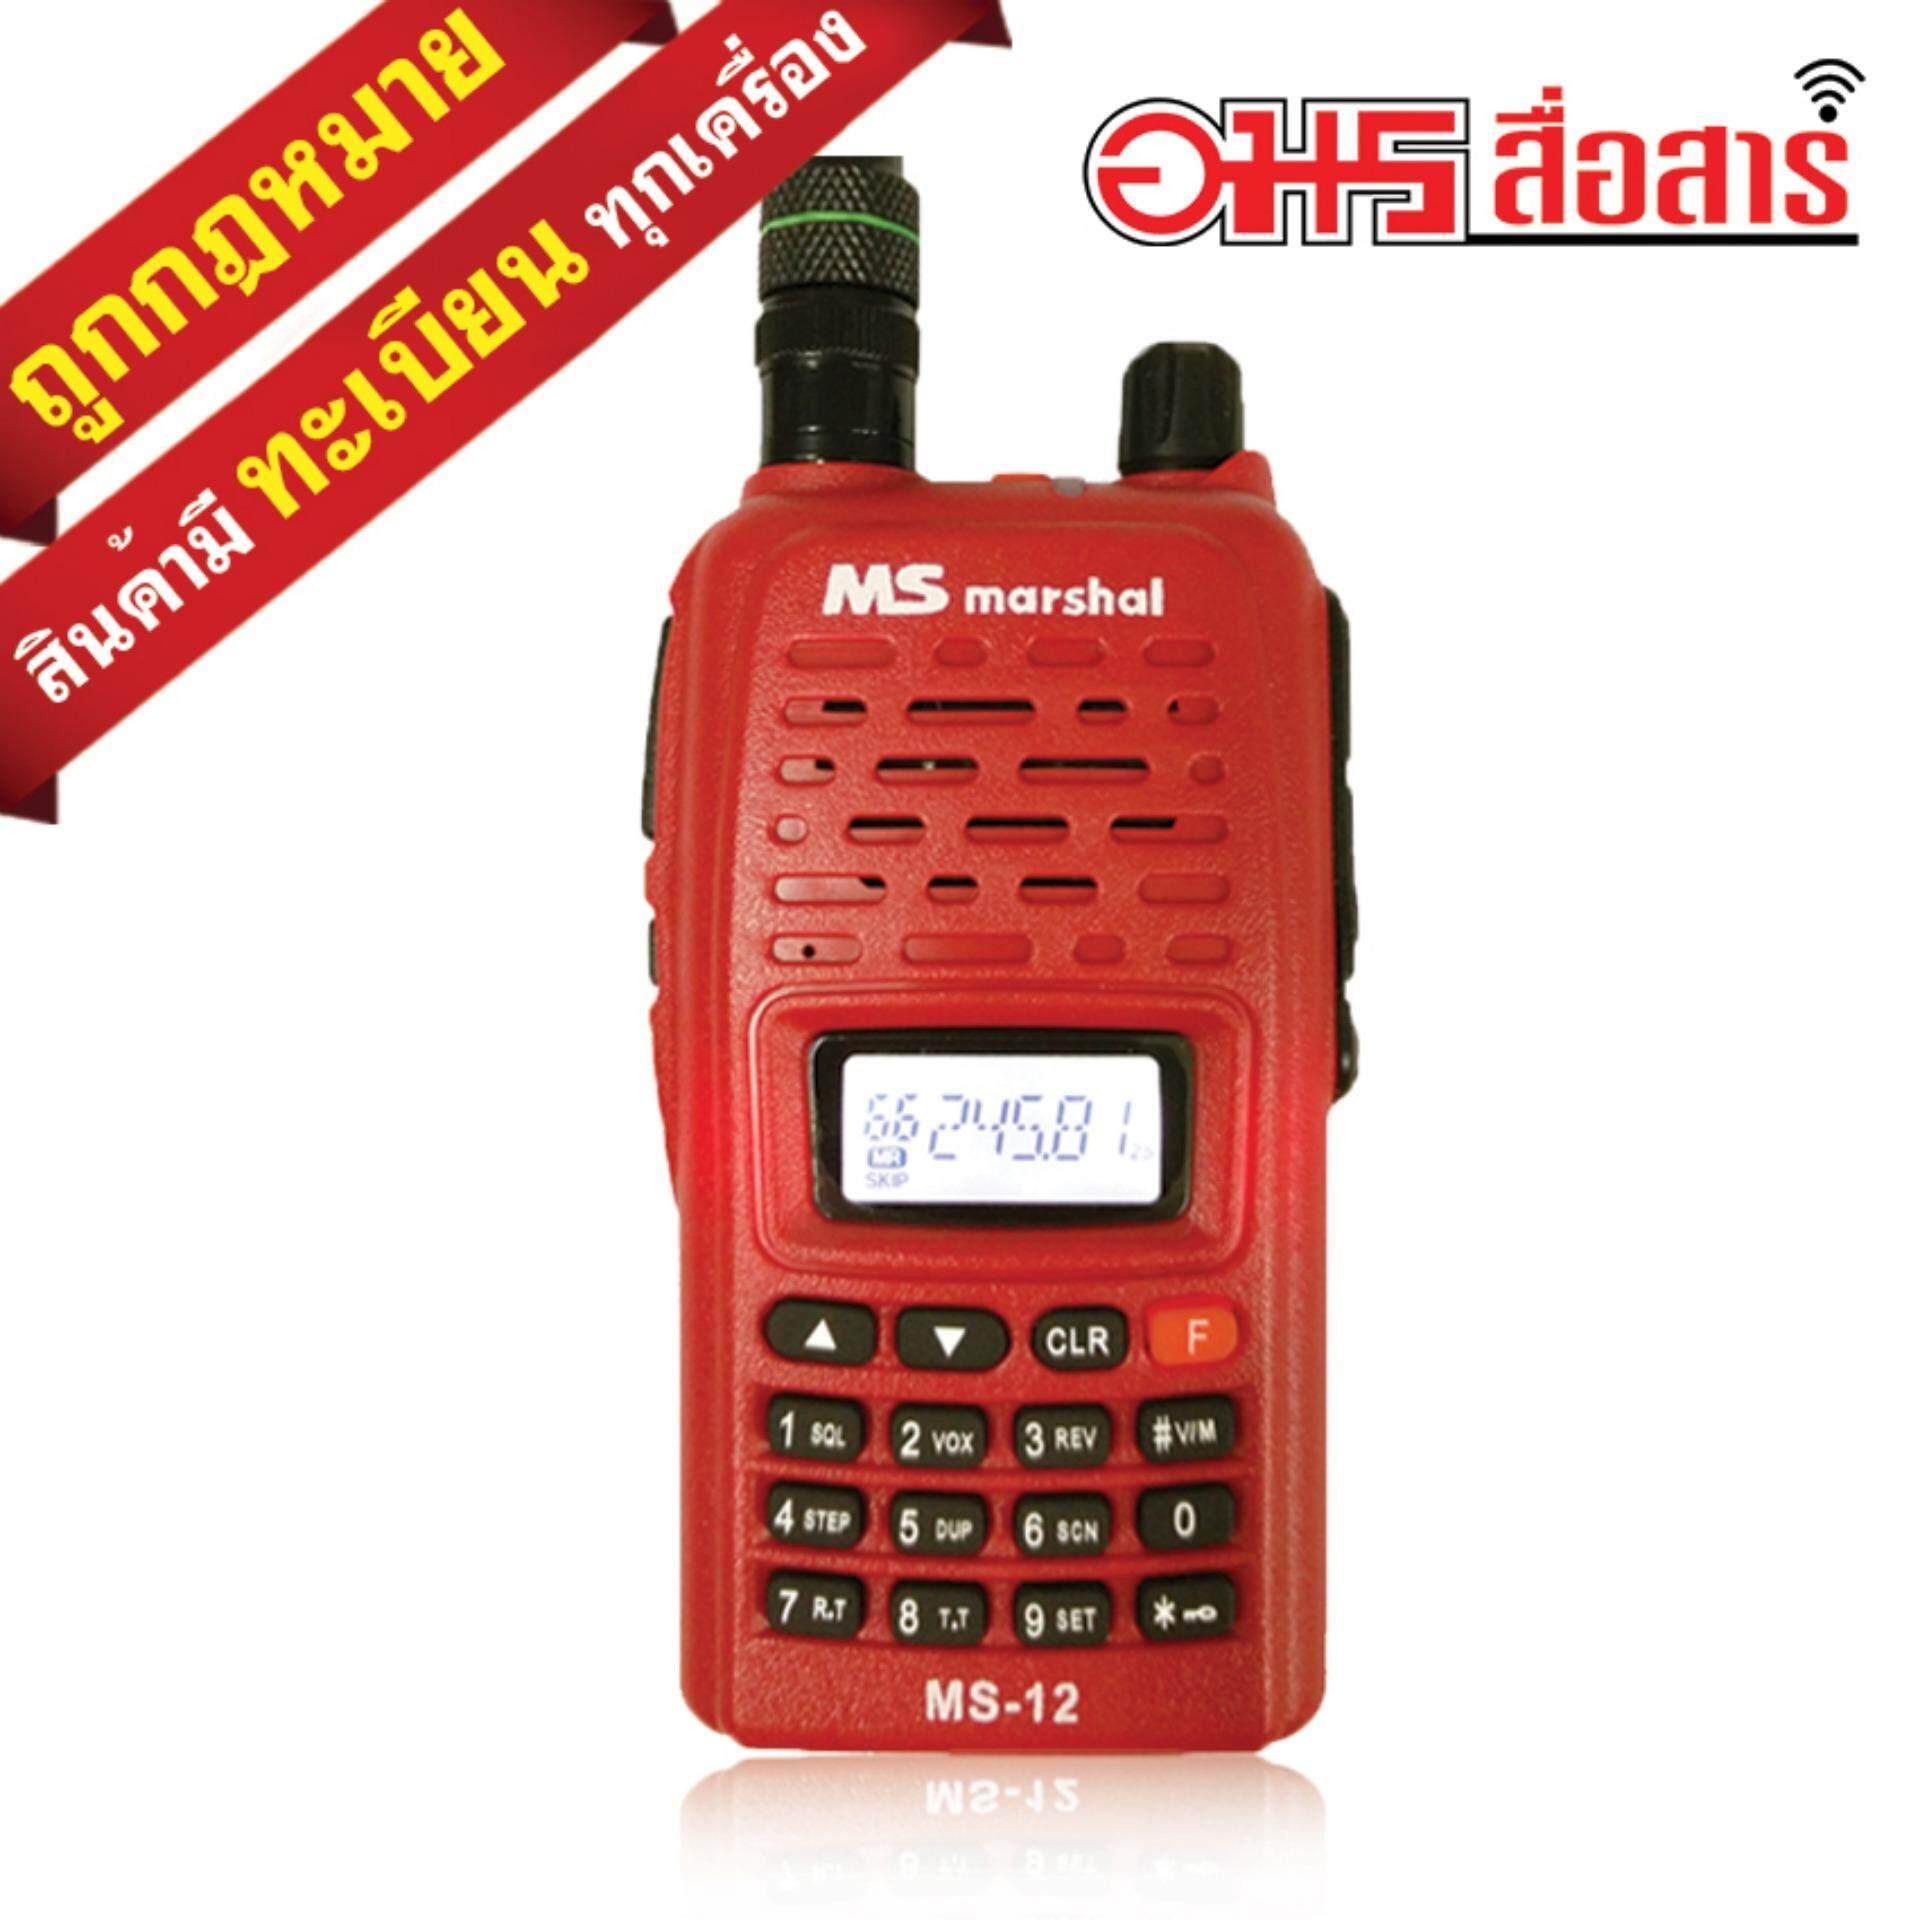 MS MARSHAL วิทยุสื่อสาร 5W MS-12  สีแดง WALKIE TALKIE walkie-talkie อมรสื่อสาร